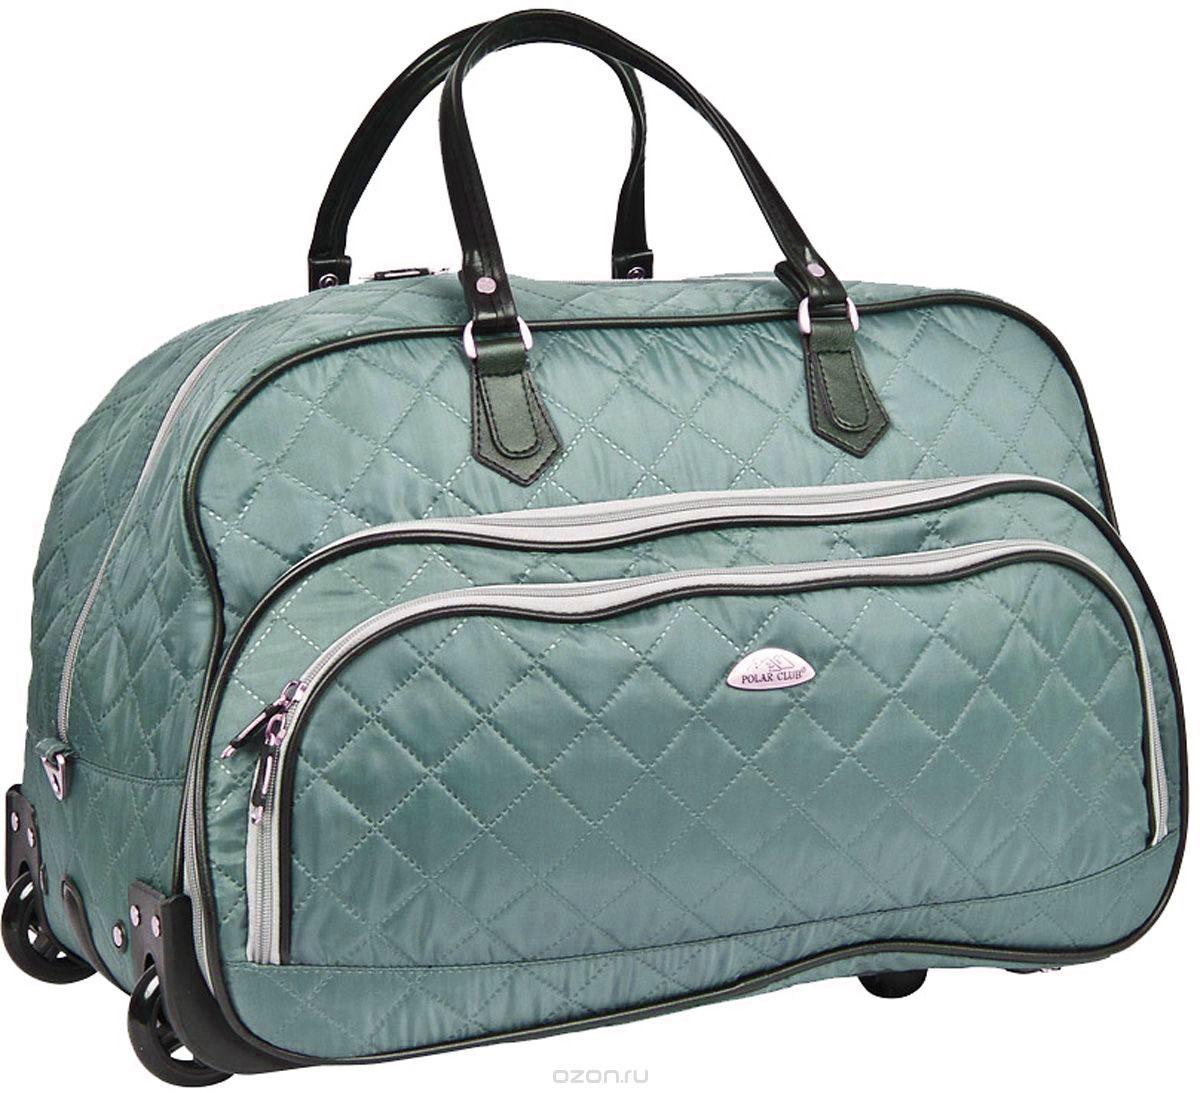 Сумка дорожная Polar Стежка, на колесах, цвет: серый, 51 л, 55 х 37 х 25 см. 7050.1A-B86-05-CКолесная дорожная сумка Polar. Пластиковые колеса, выдвижная ручка ,выдвигается на 38 см. Имеется съемный плечевой ремень, что бы носить сумку через плечо. Одно большое отделение для ваших вещей. Два кармана спереди сумки на молнии. Высота ручек 17 см.